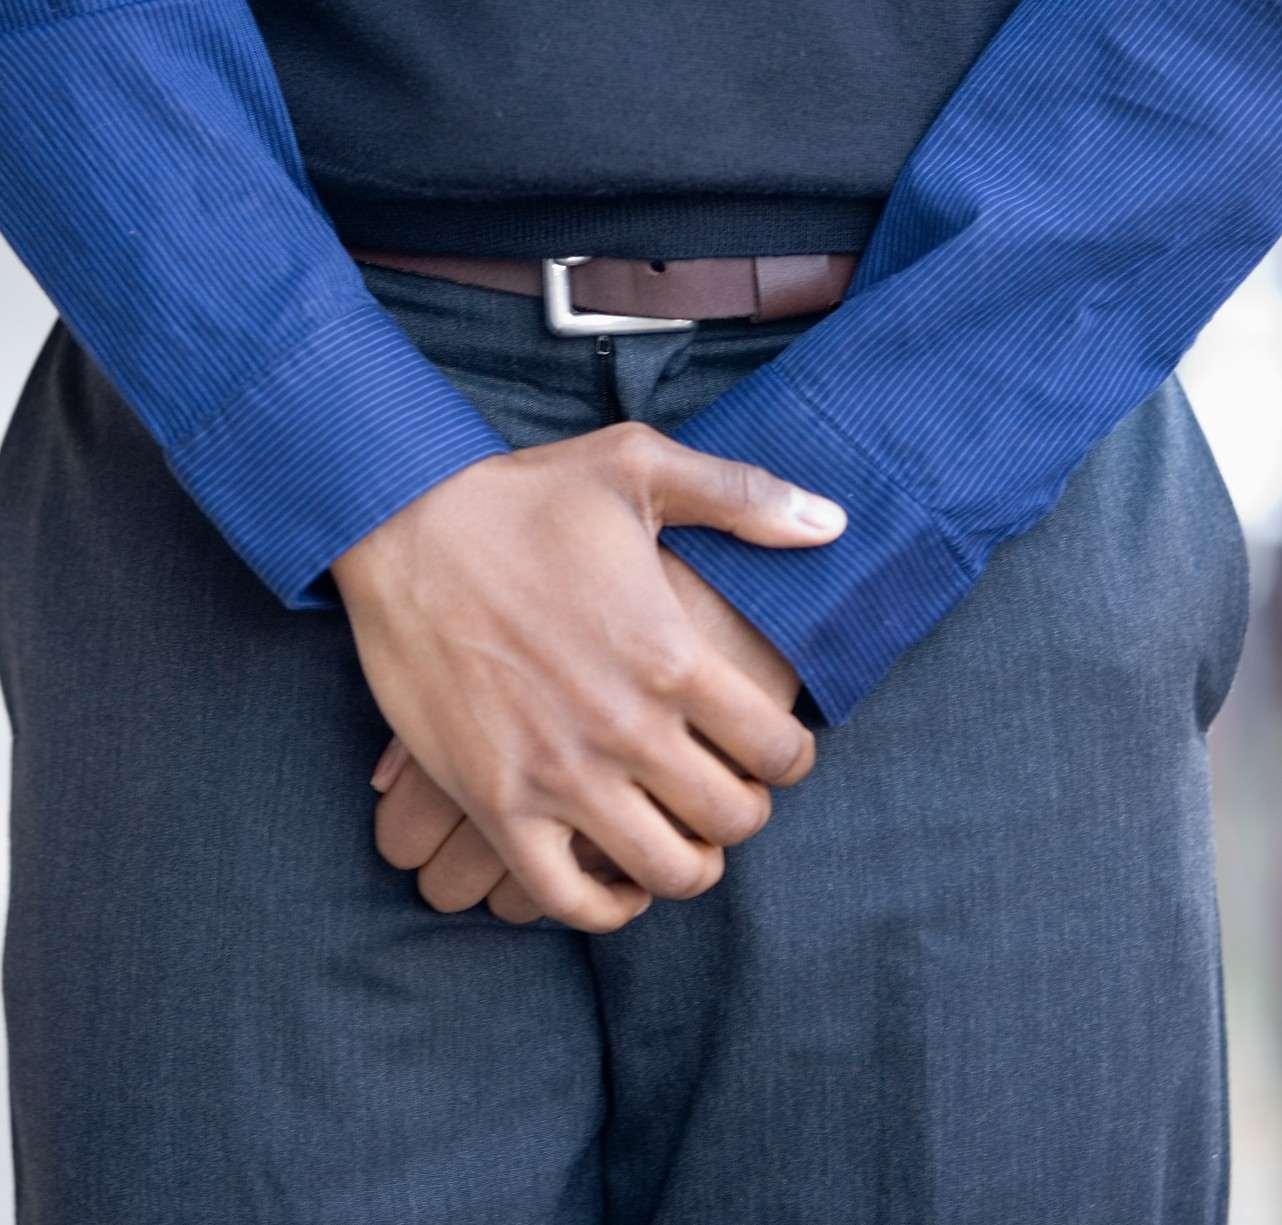 Симптомы и причины баланопостита (балонита): чего опасаться и как отнестись к проявлениям болезни?